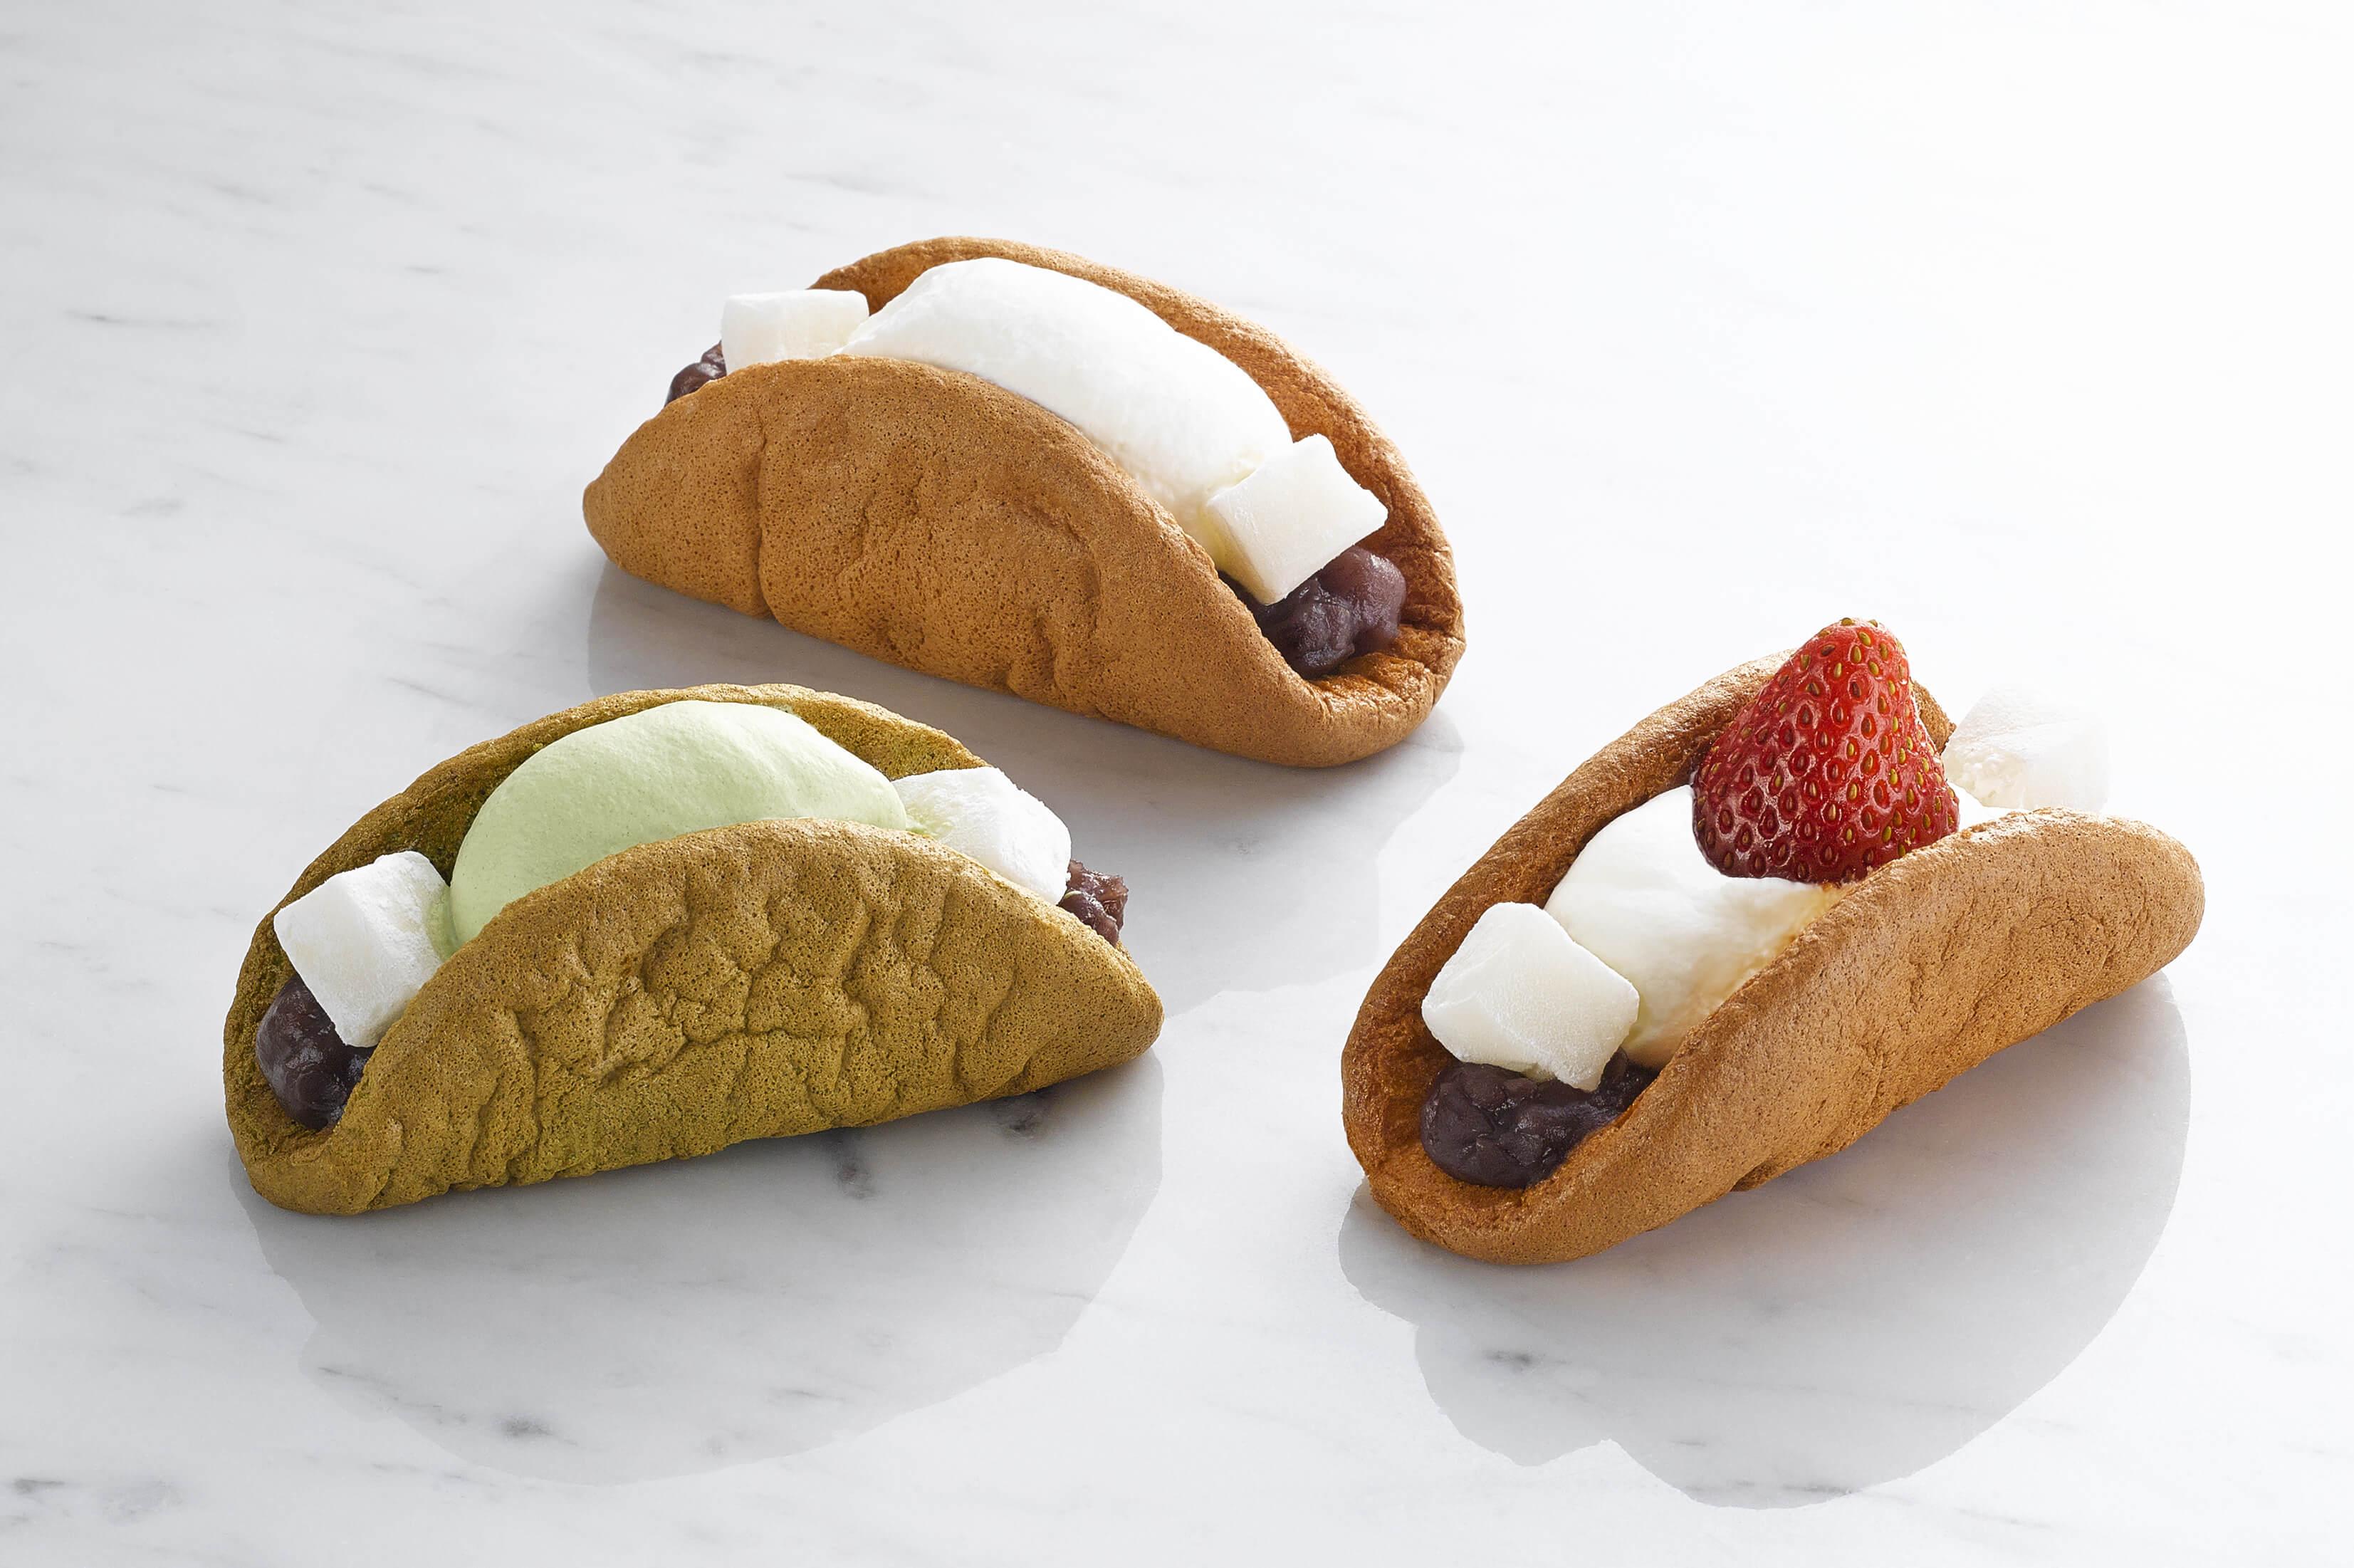 生銅鑼燒專賣店「DOU」推出抹茶・草莓口味新登場 在川崎、日本料理、甜點、